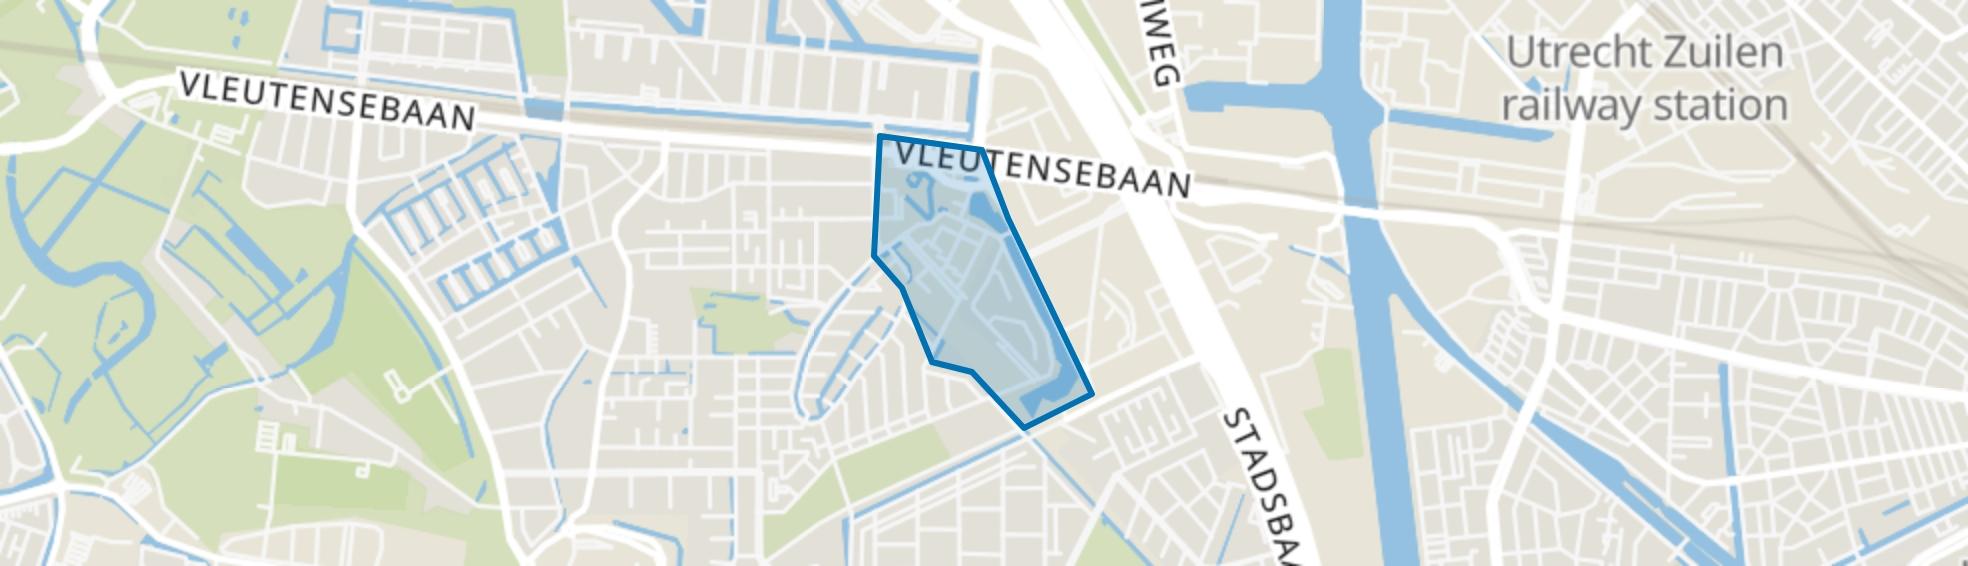 Grauwaart, Utrecht map